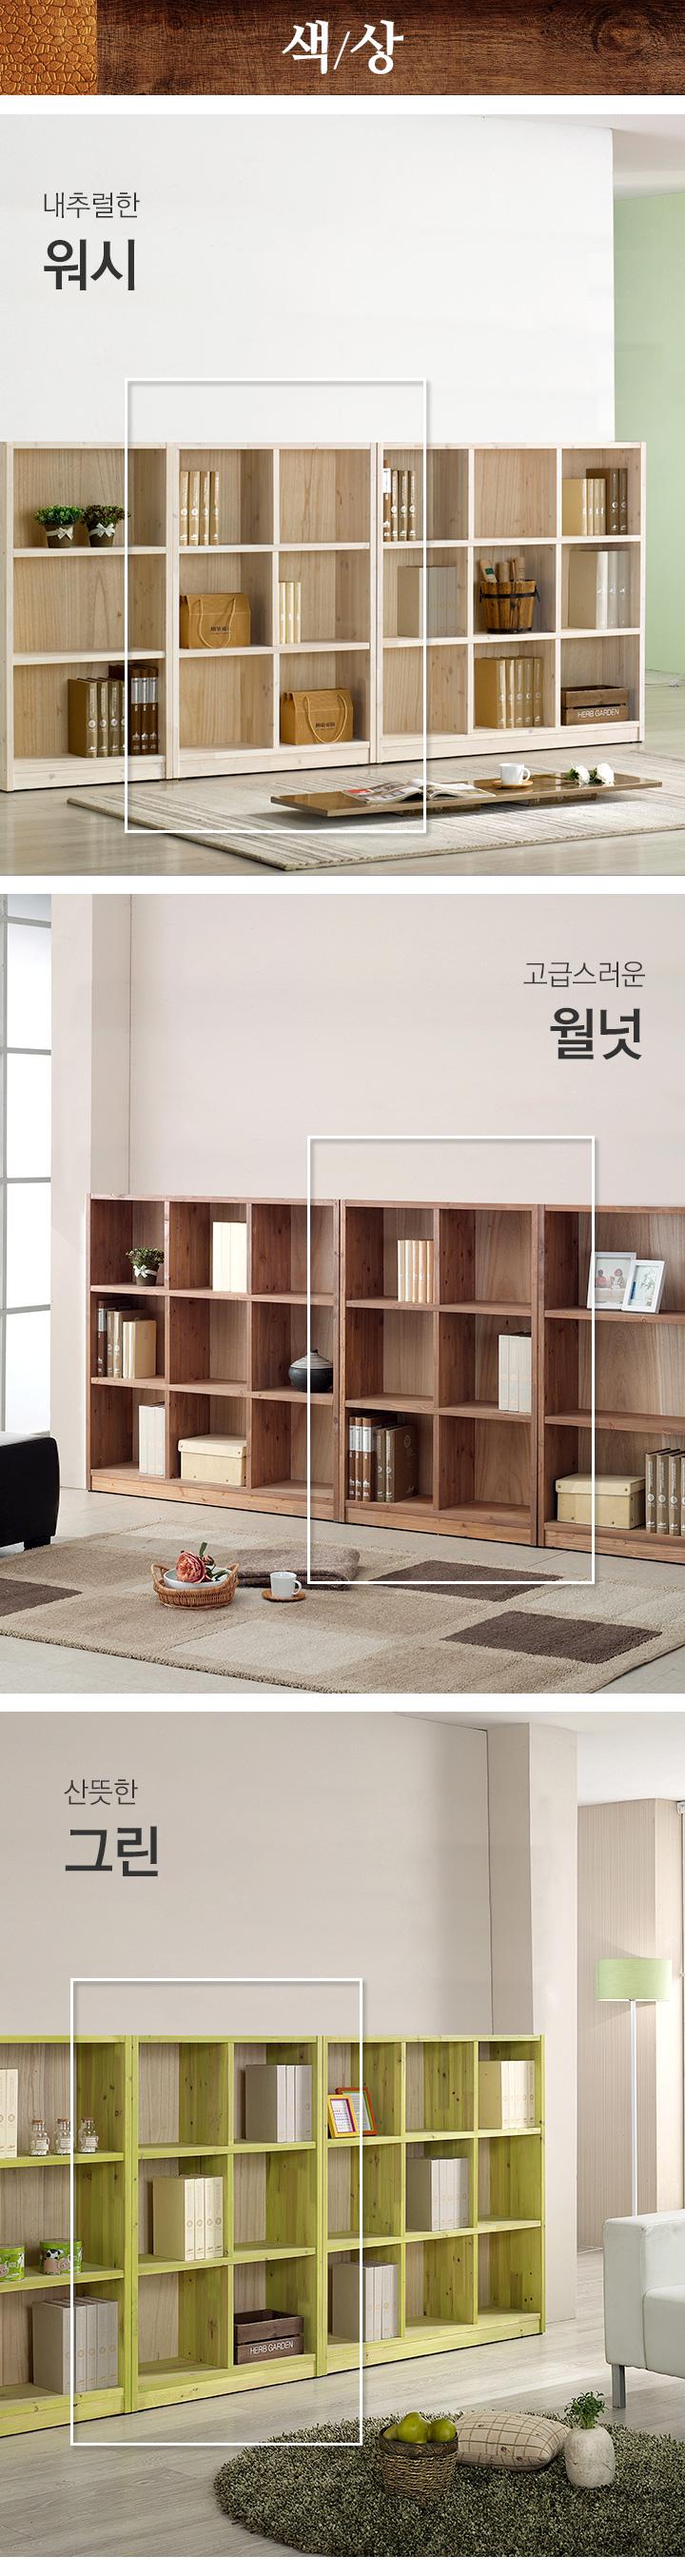 자빈 원목 책장 3단 800 오픈형 - 인우드, 248,170원, 책장/서재수납, 책장